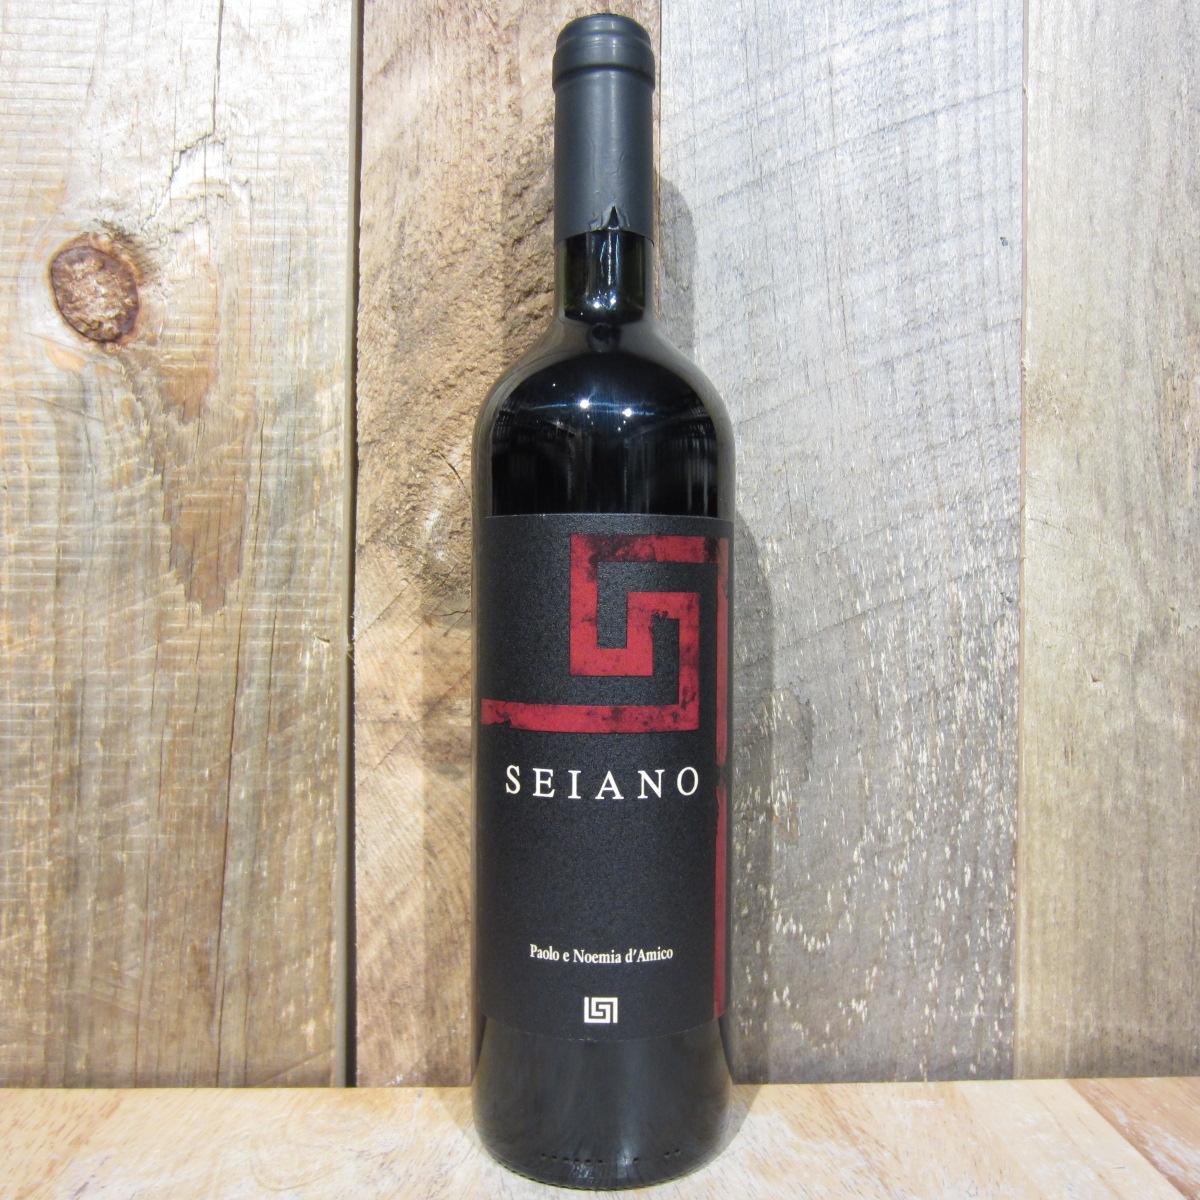 D'Amico Seiano Rosso 2014 750ml